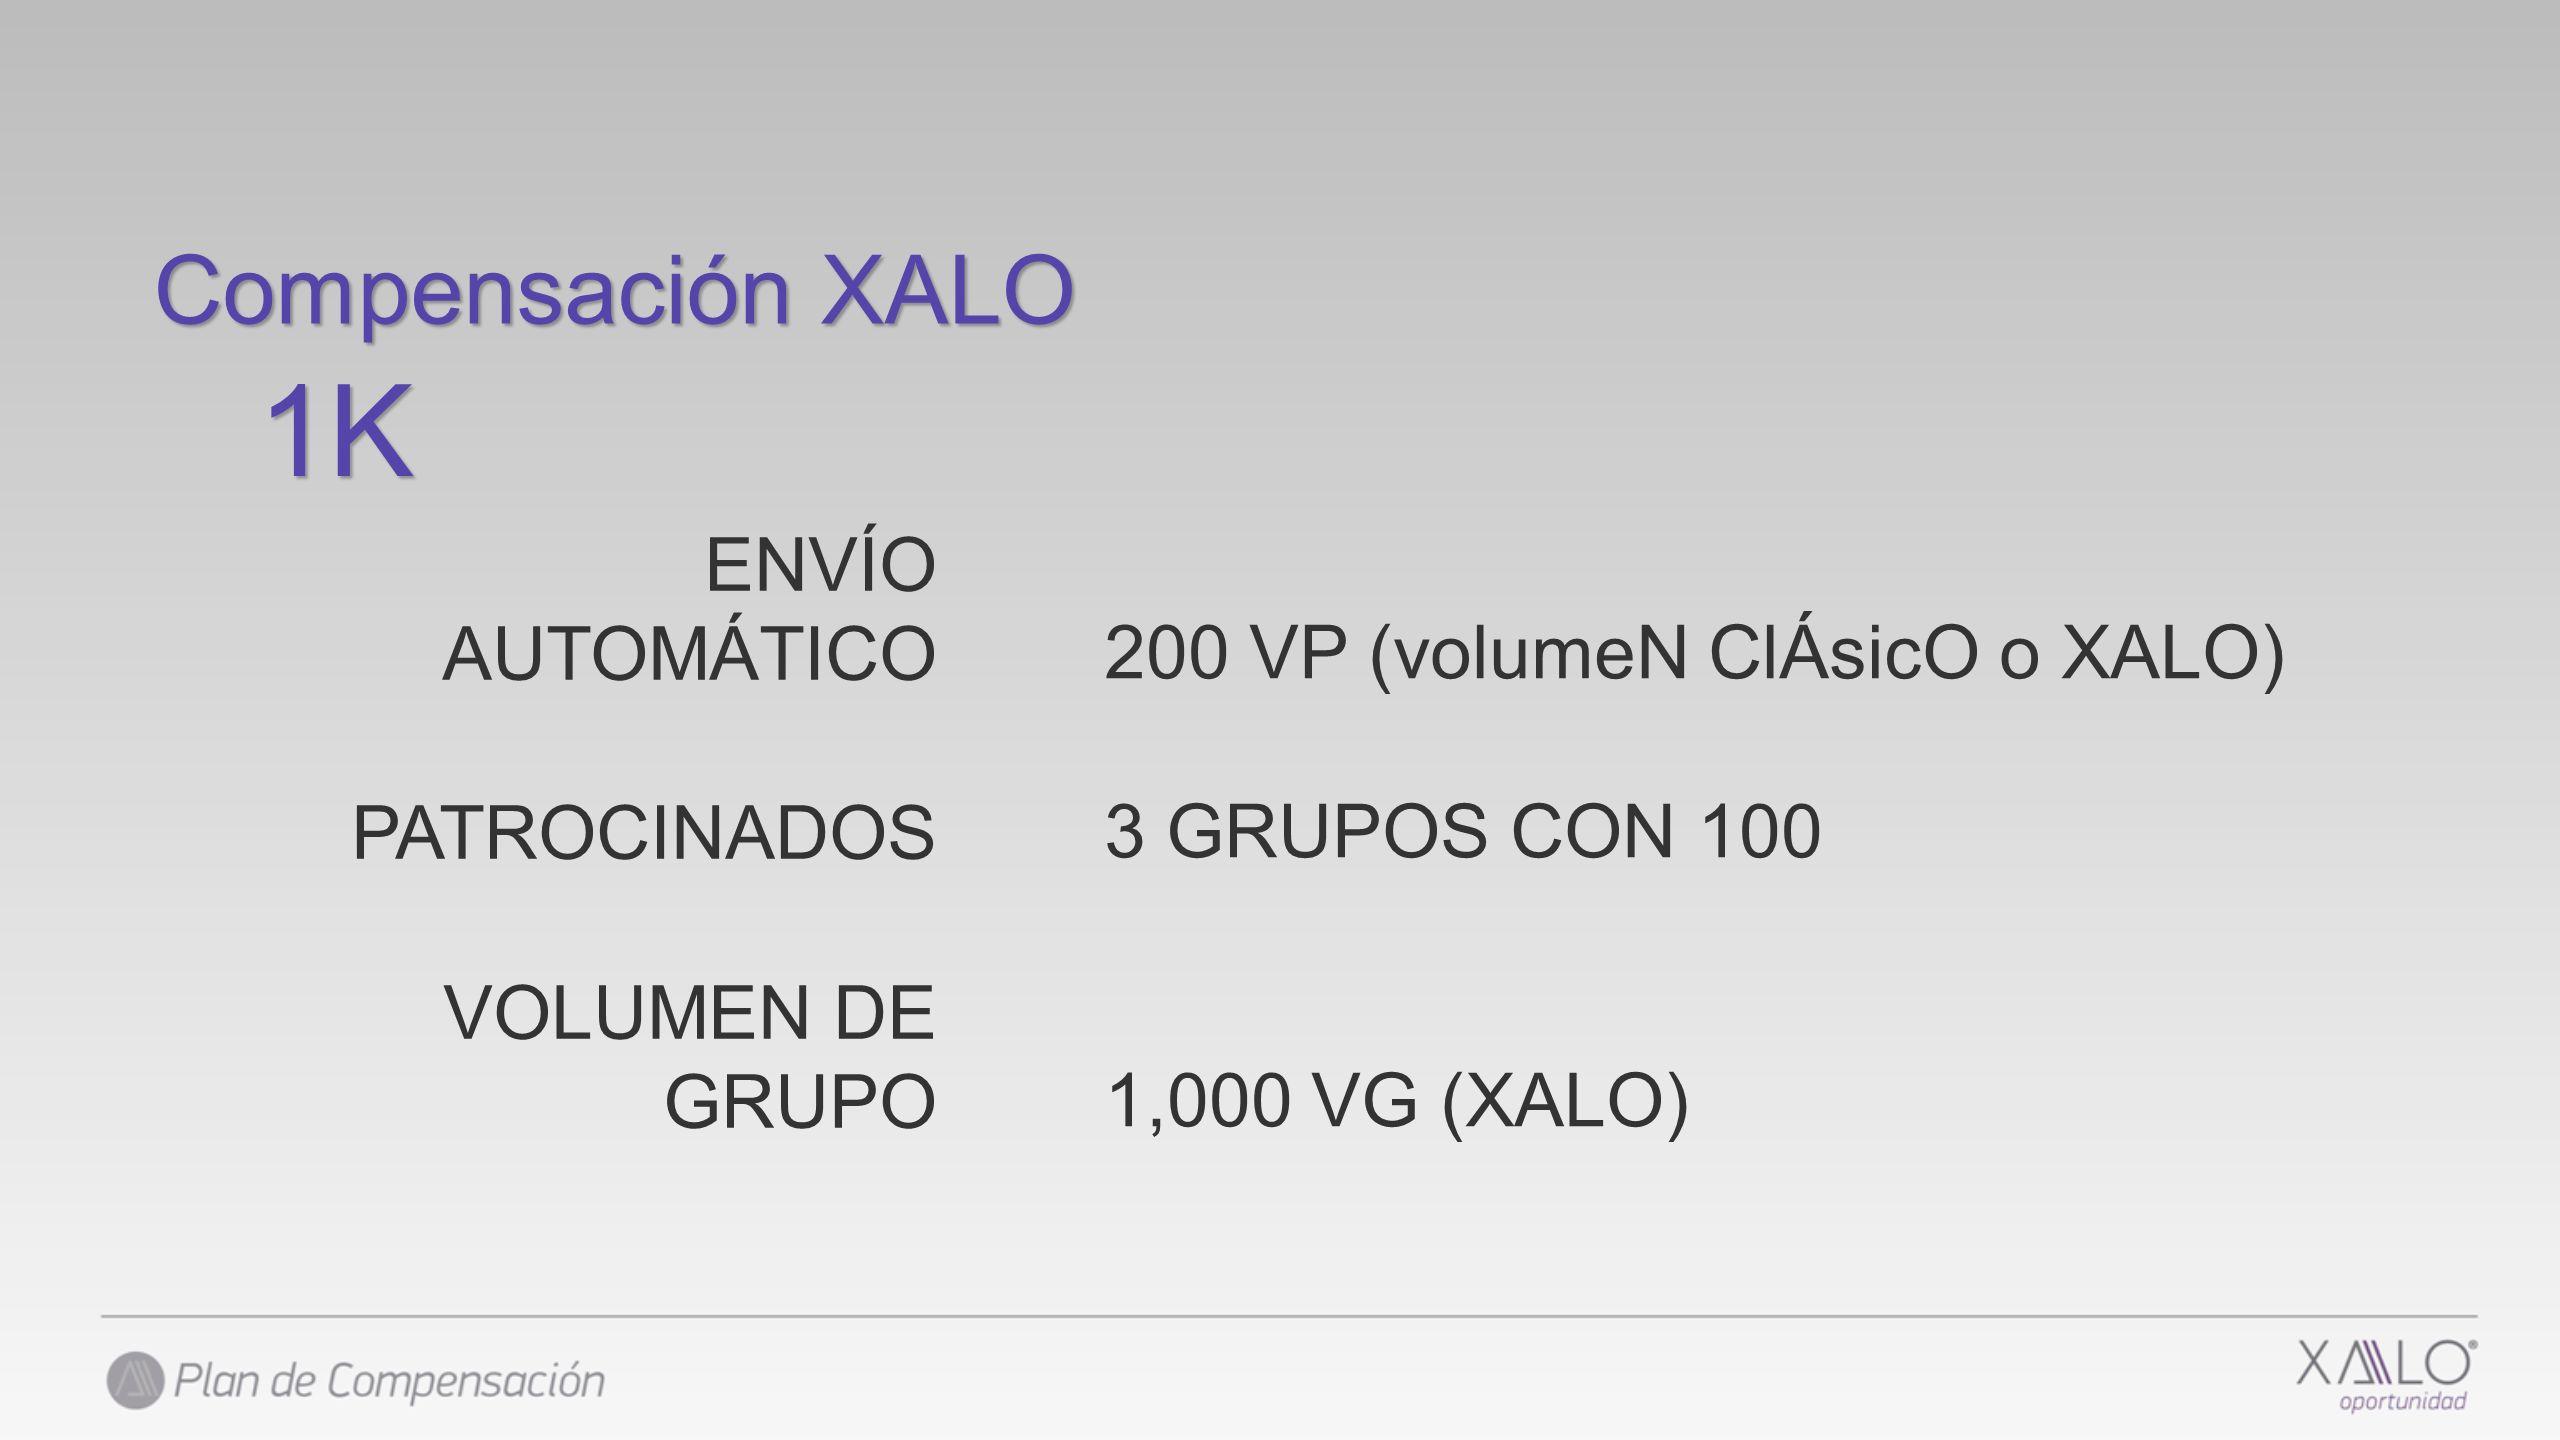 1K Compensación XALO ENVÍO AUTOMÁTICO 200 VP (volumeN ClÁsicO o XALO)